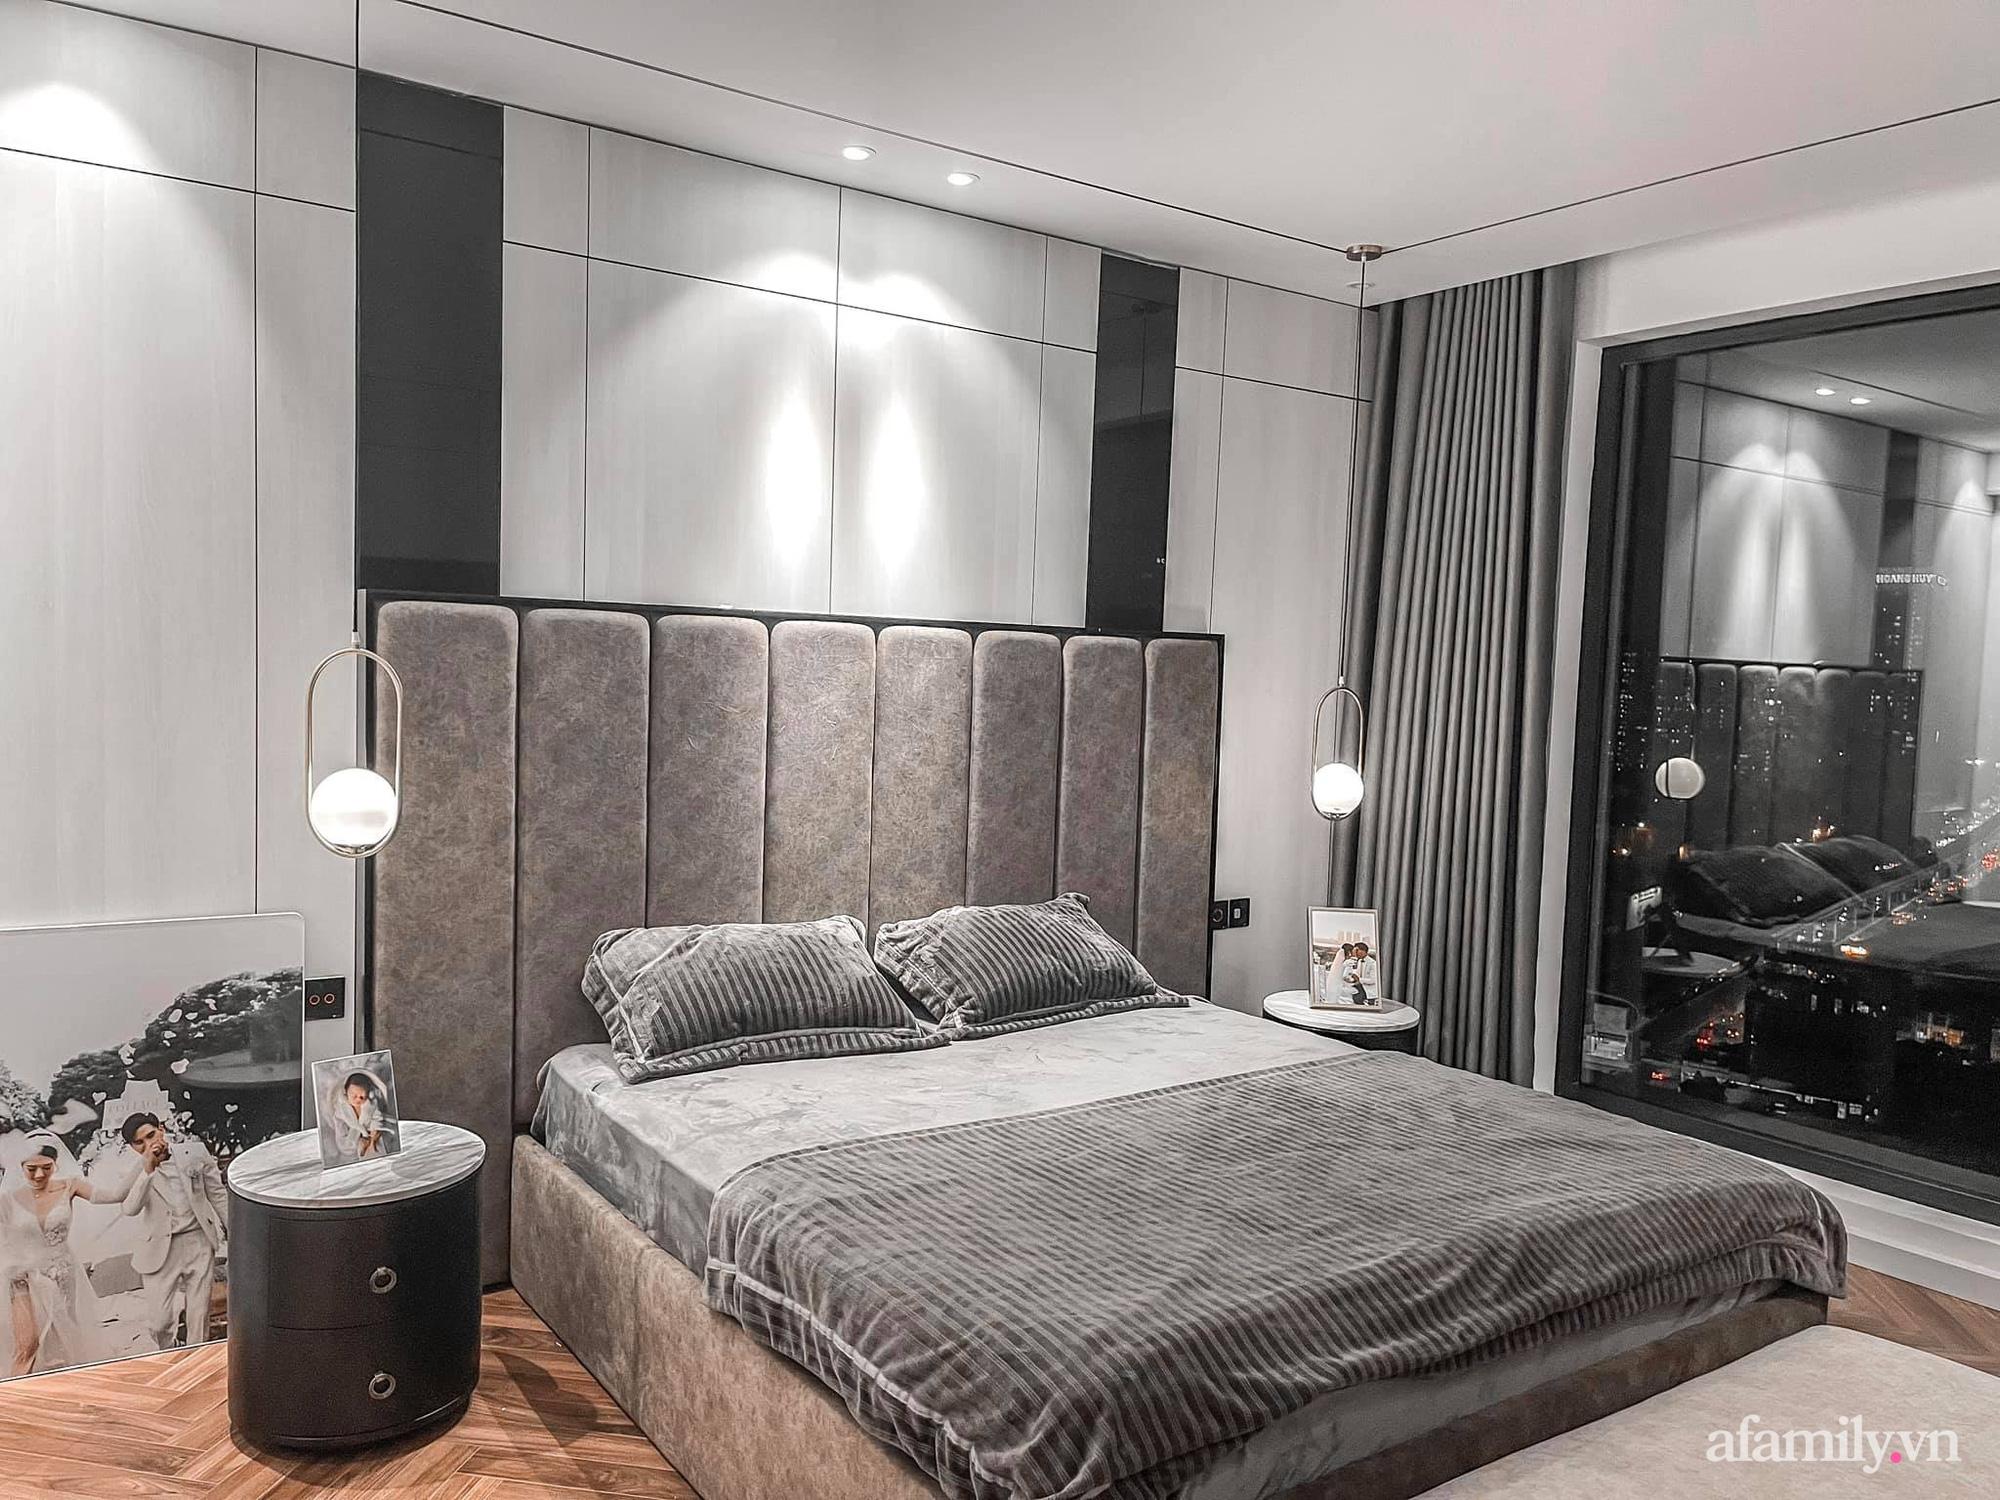 Căn hộ 125m² với gam màu tối cực chất của cặp vợ chồng yêu thời trang ở Hà Nội - Ảnh 21.